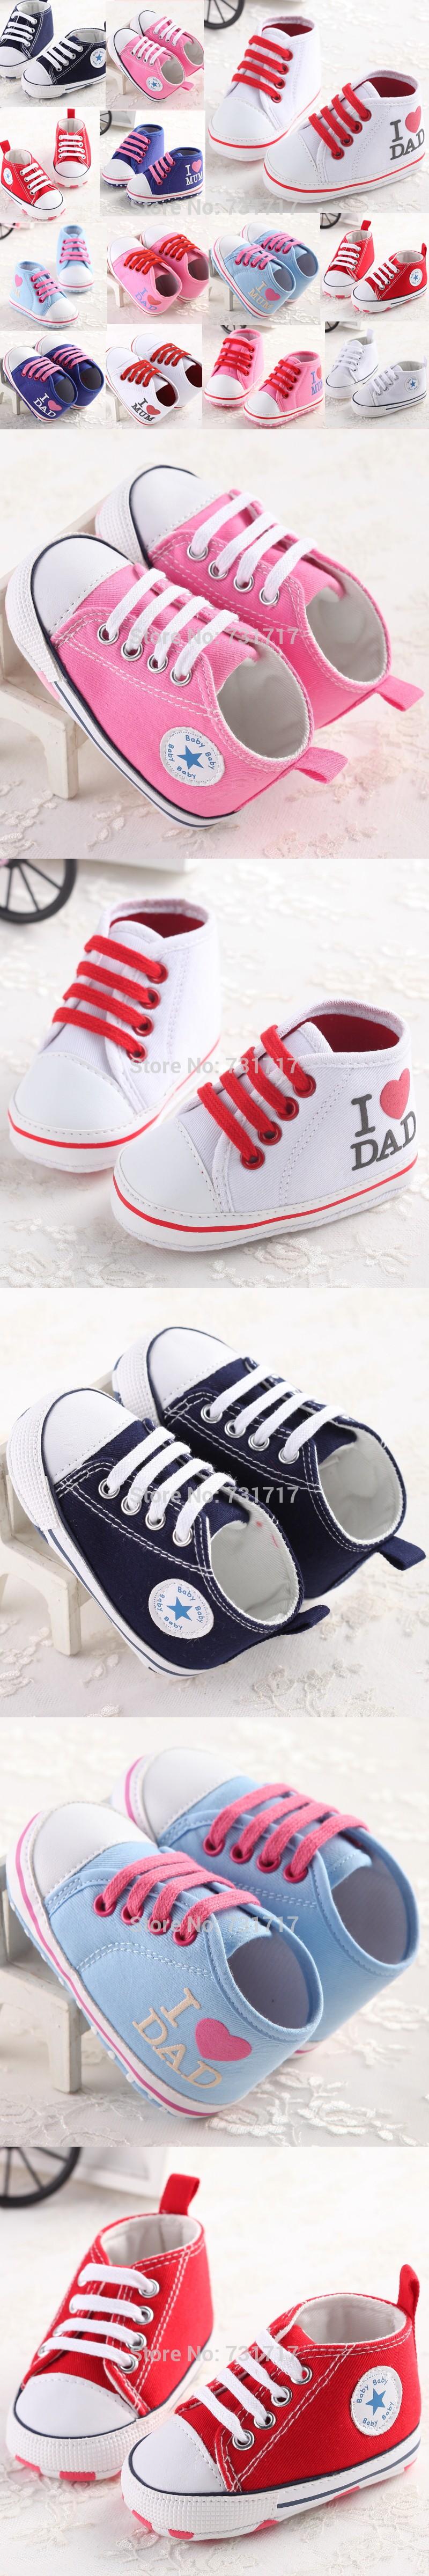 Simple Cool Anti slip Cross tied Boys &Girls Infant Sneakers Print